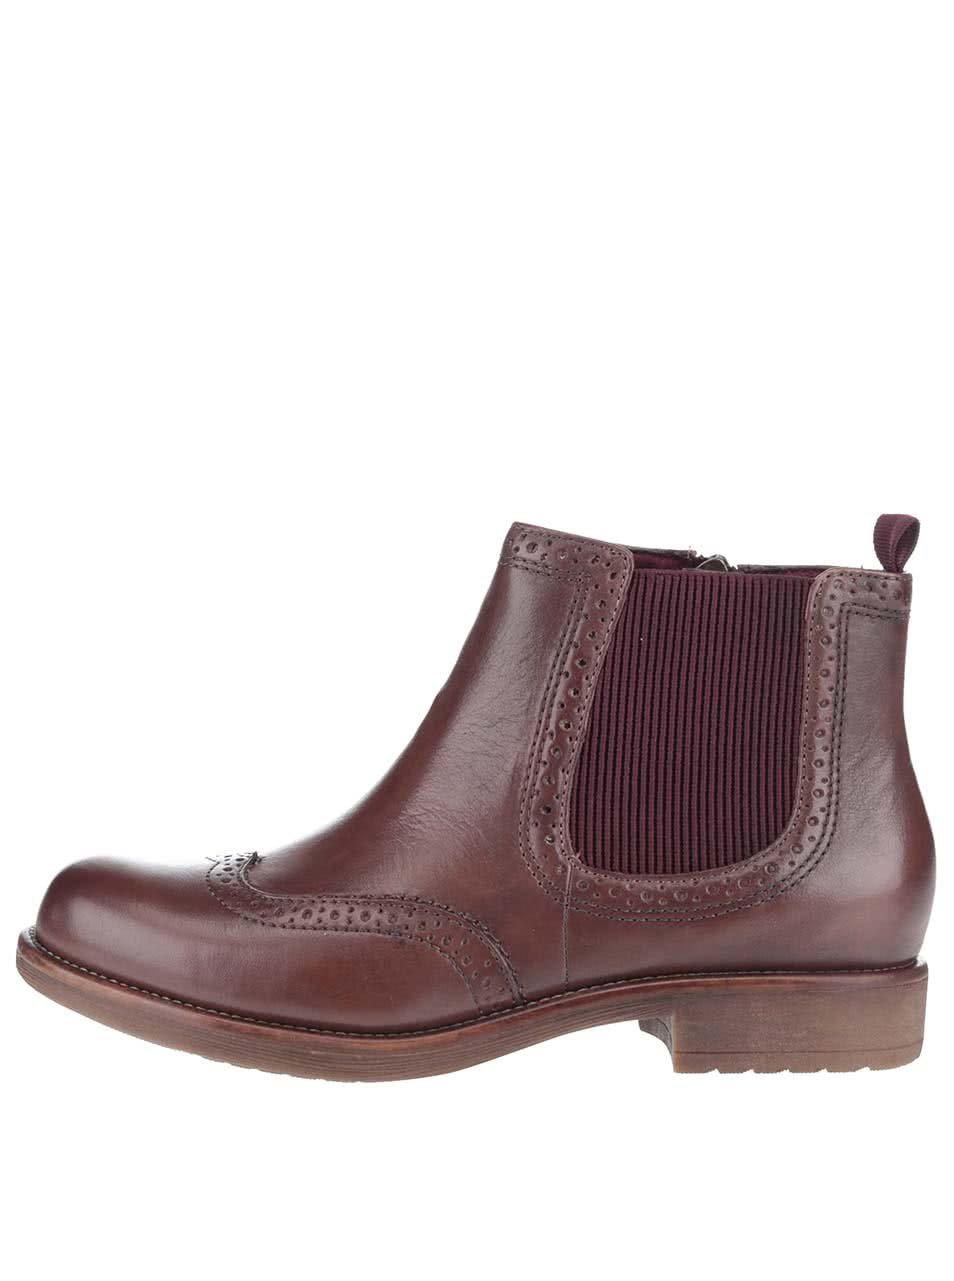 Vínovo-hnědé kožené chelsea boty Tamaris